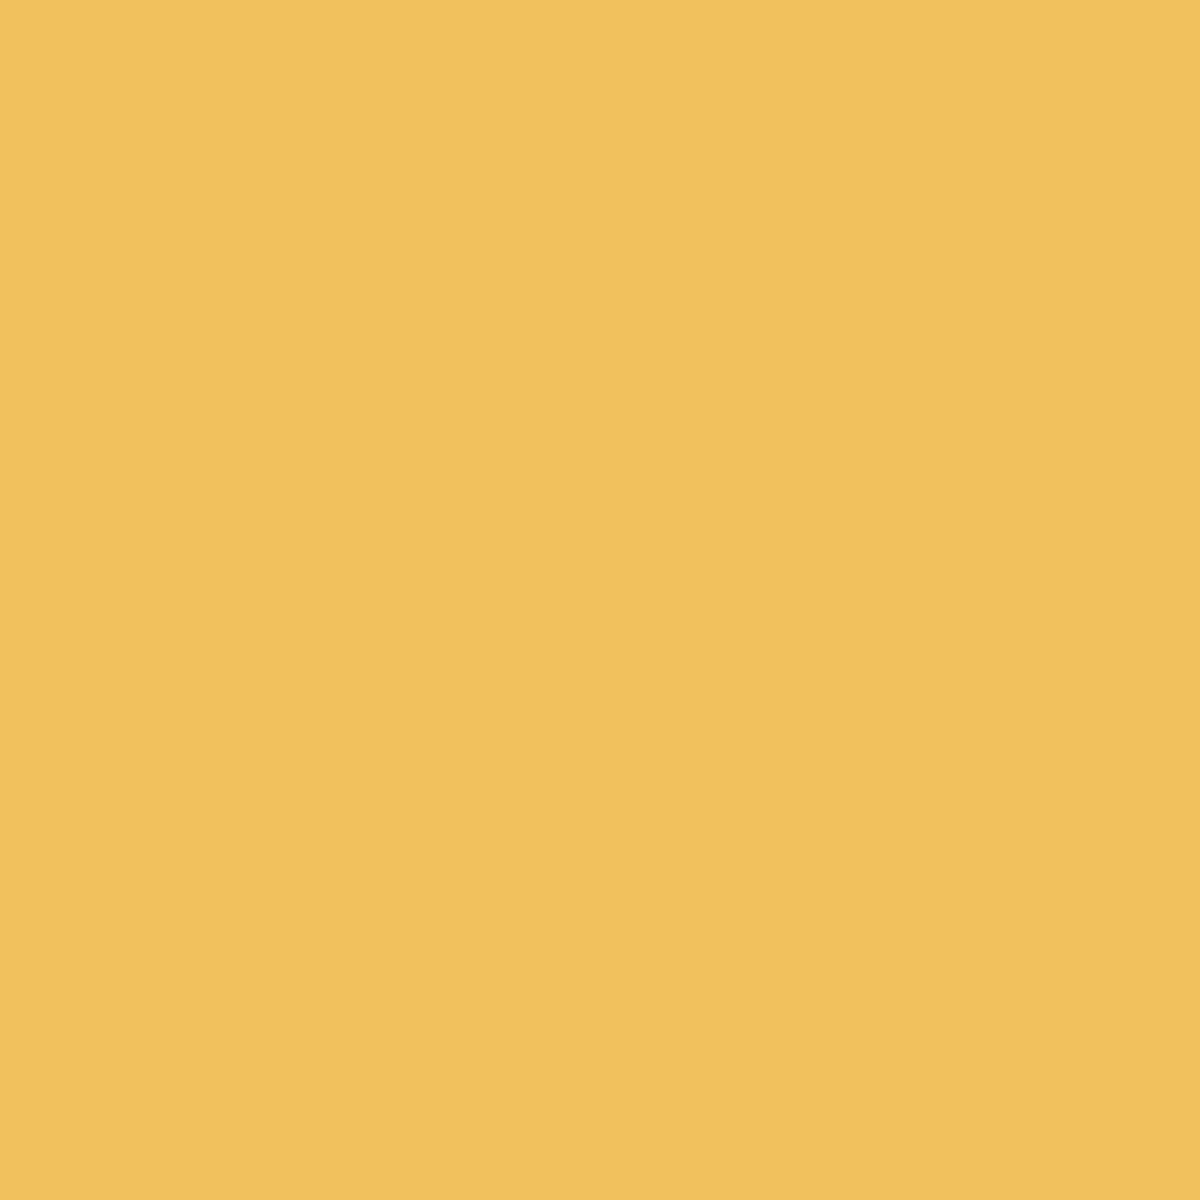 Riley Blake, Confetti Solid Daffodil